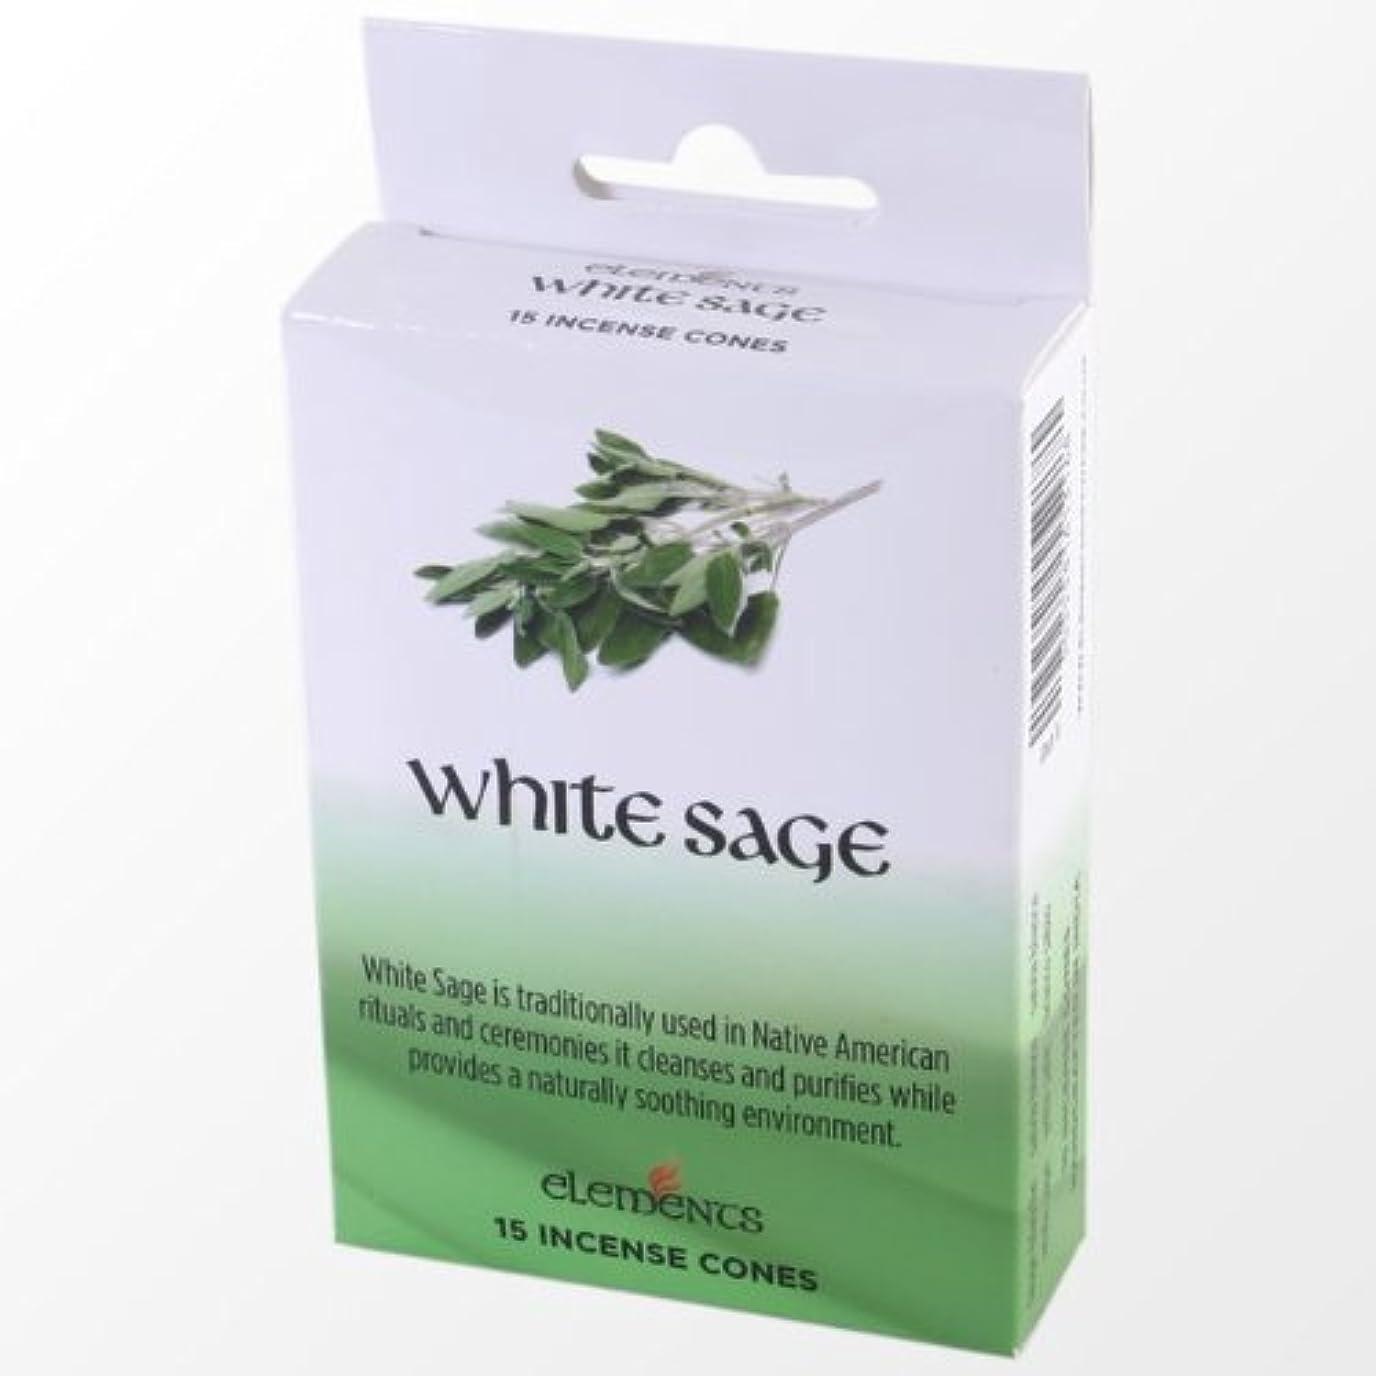 規定派生する地下12 Packs Of Elements White Sage Incense Cones